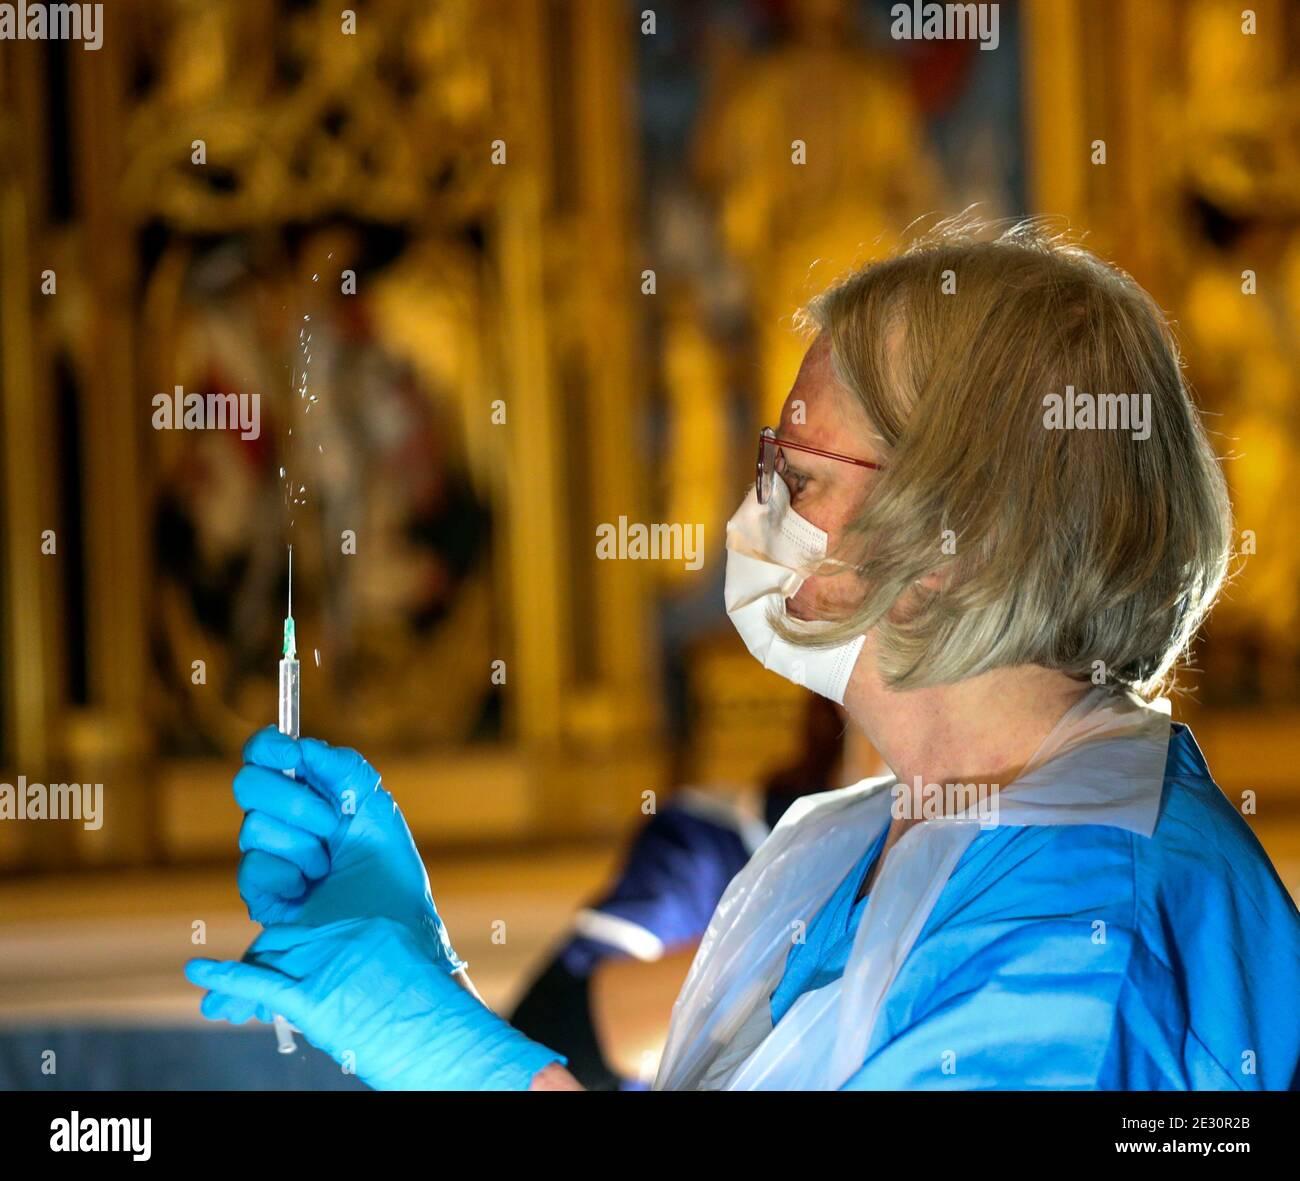 Le vaccin contre le coronavirus Pfizer est préparé par un agent de santé de la cathédrale de Salisbury, dans le Wiltshire, avant d'être administré au public. Banque D'Images